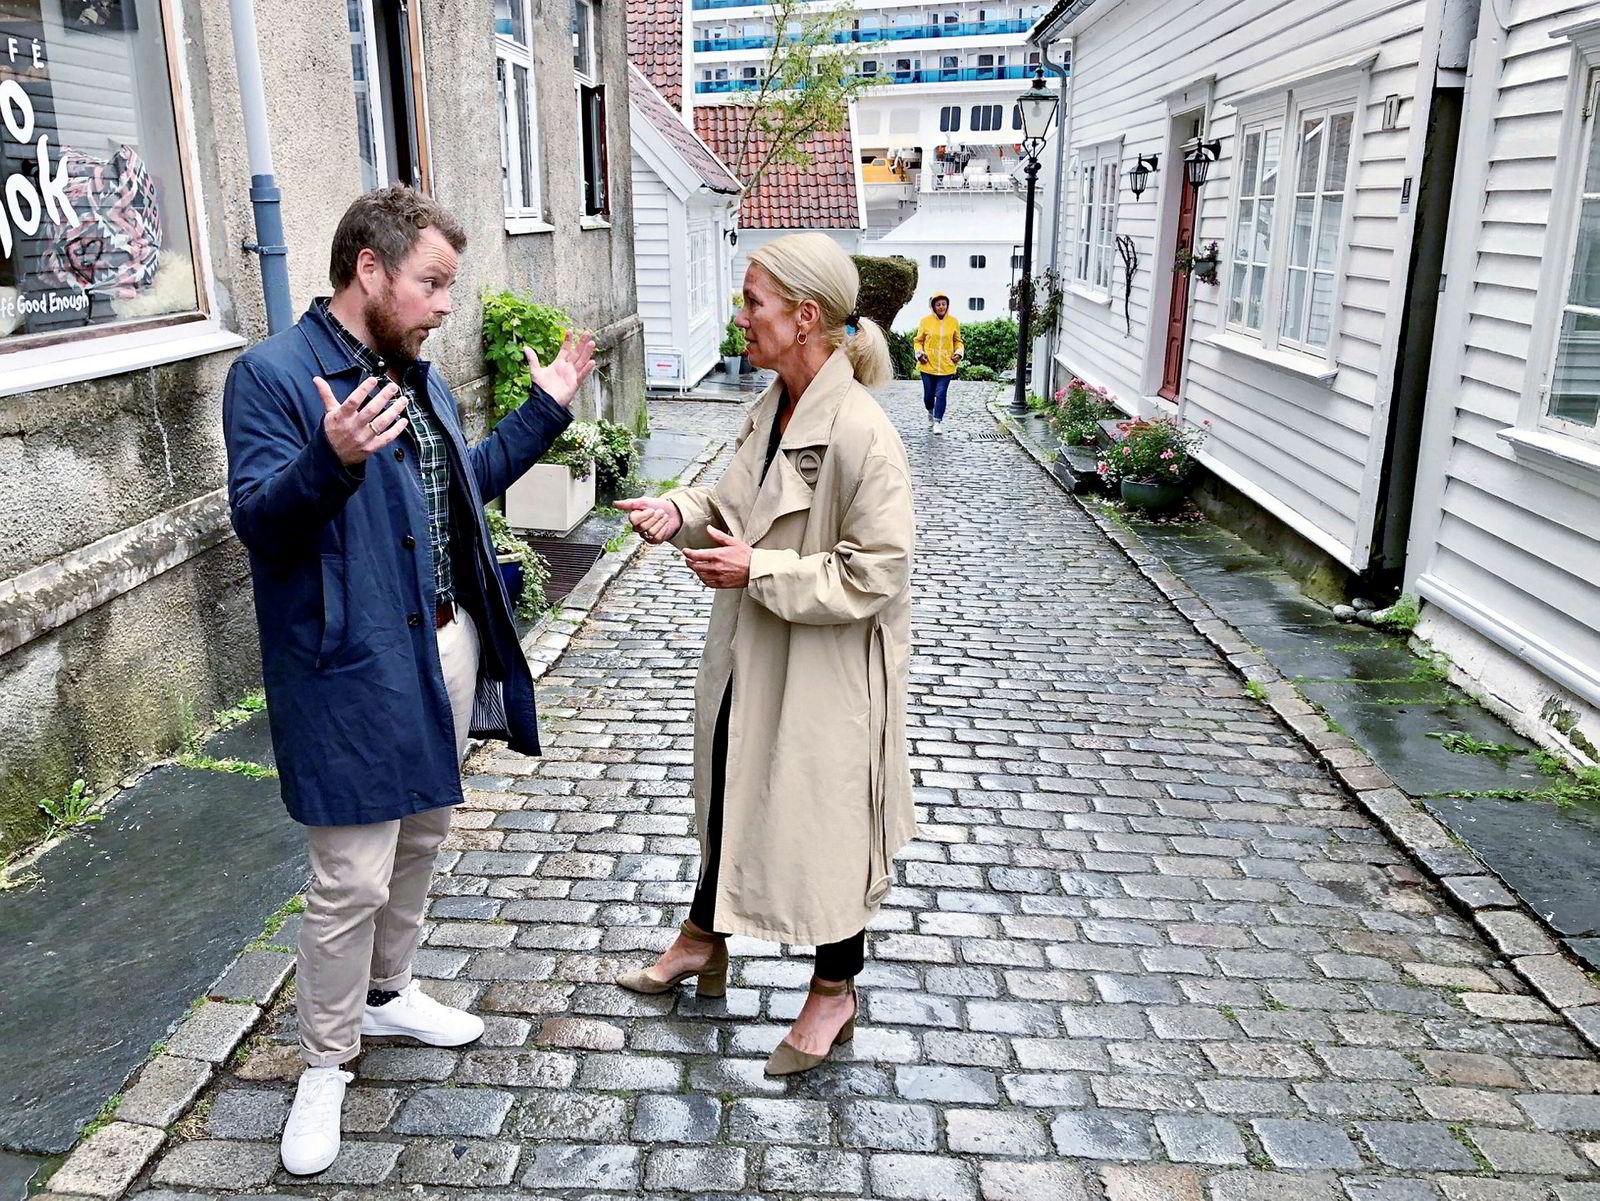 Næringsminister Torbjørn Røe Isaksen og Stavanger-ordfører Christine Sagen Helgø diskuterte utslippene fra cruiseskip sammenlignet med flybasert turisme.